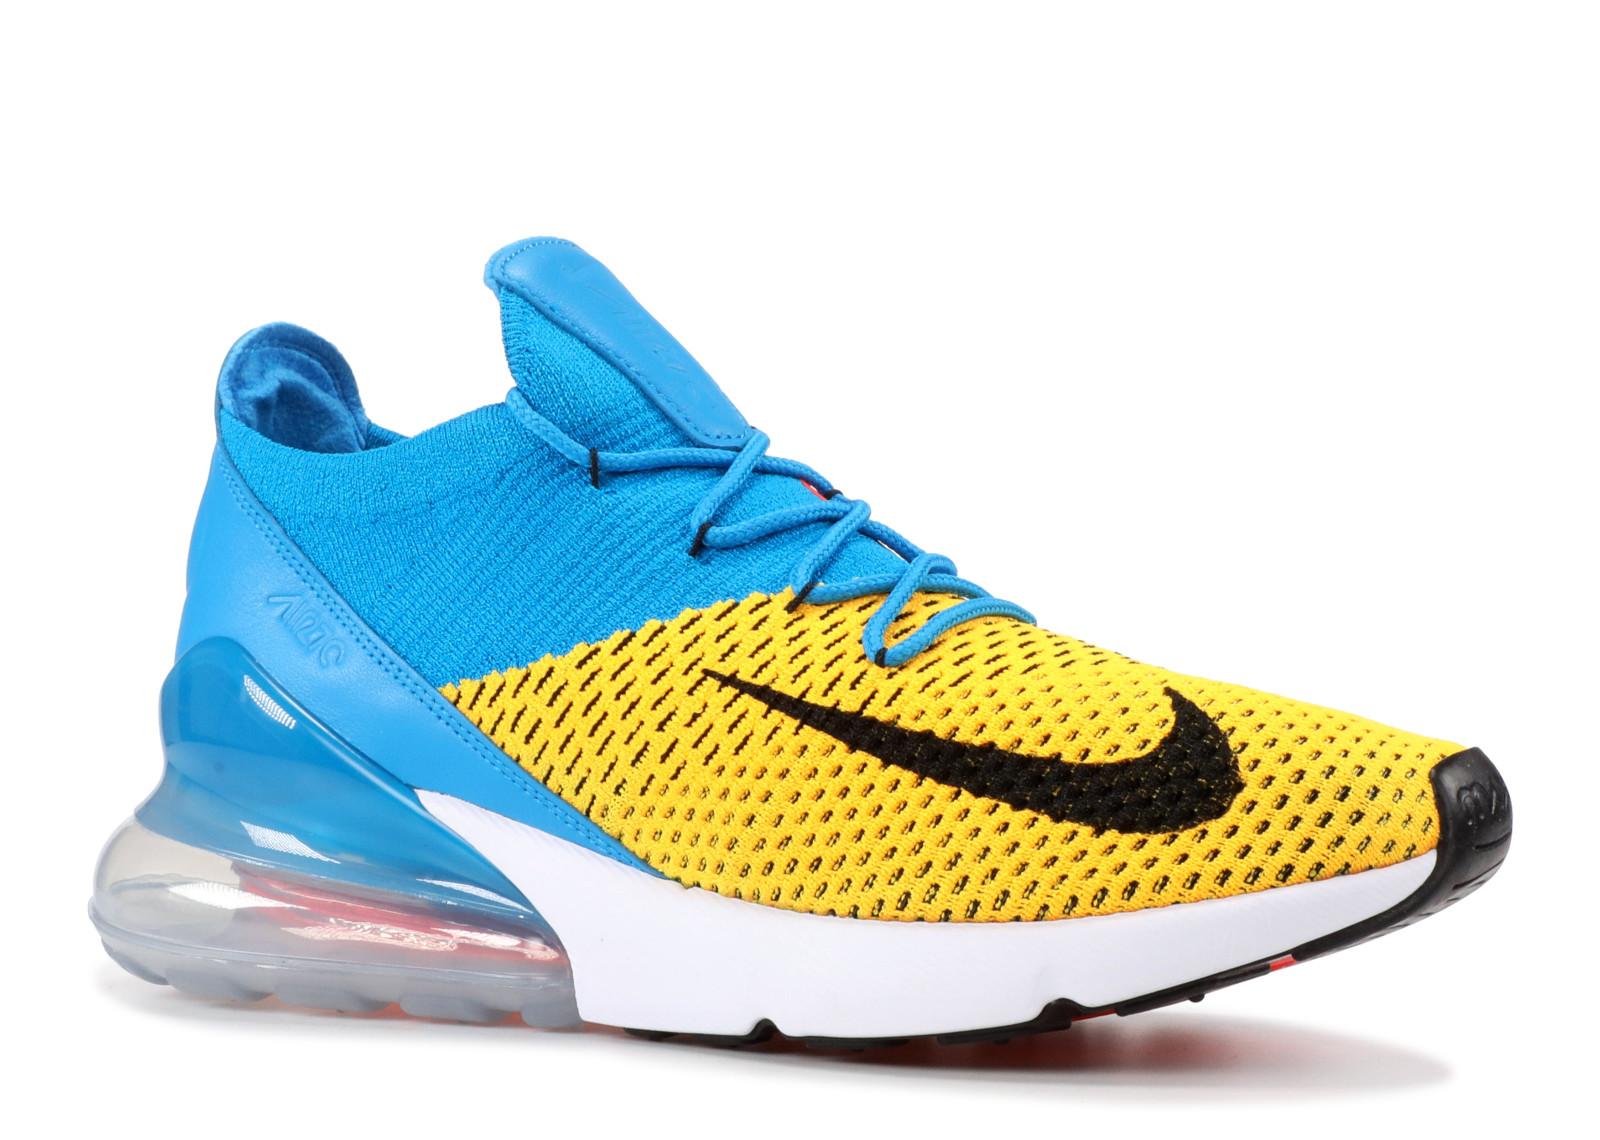 0e3dd1b43bad6 Nike Air Max 270 Flyknit Laser Orange Blue Orbit - 1